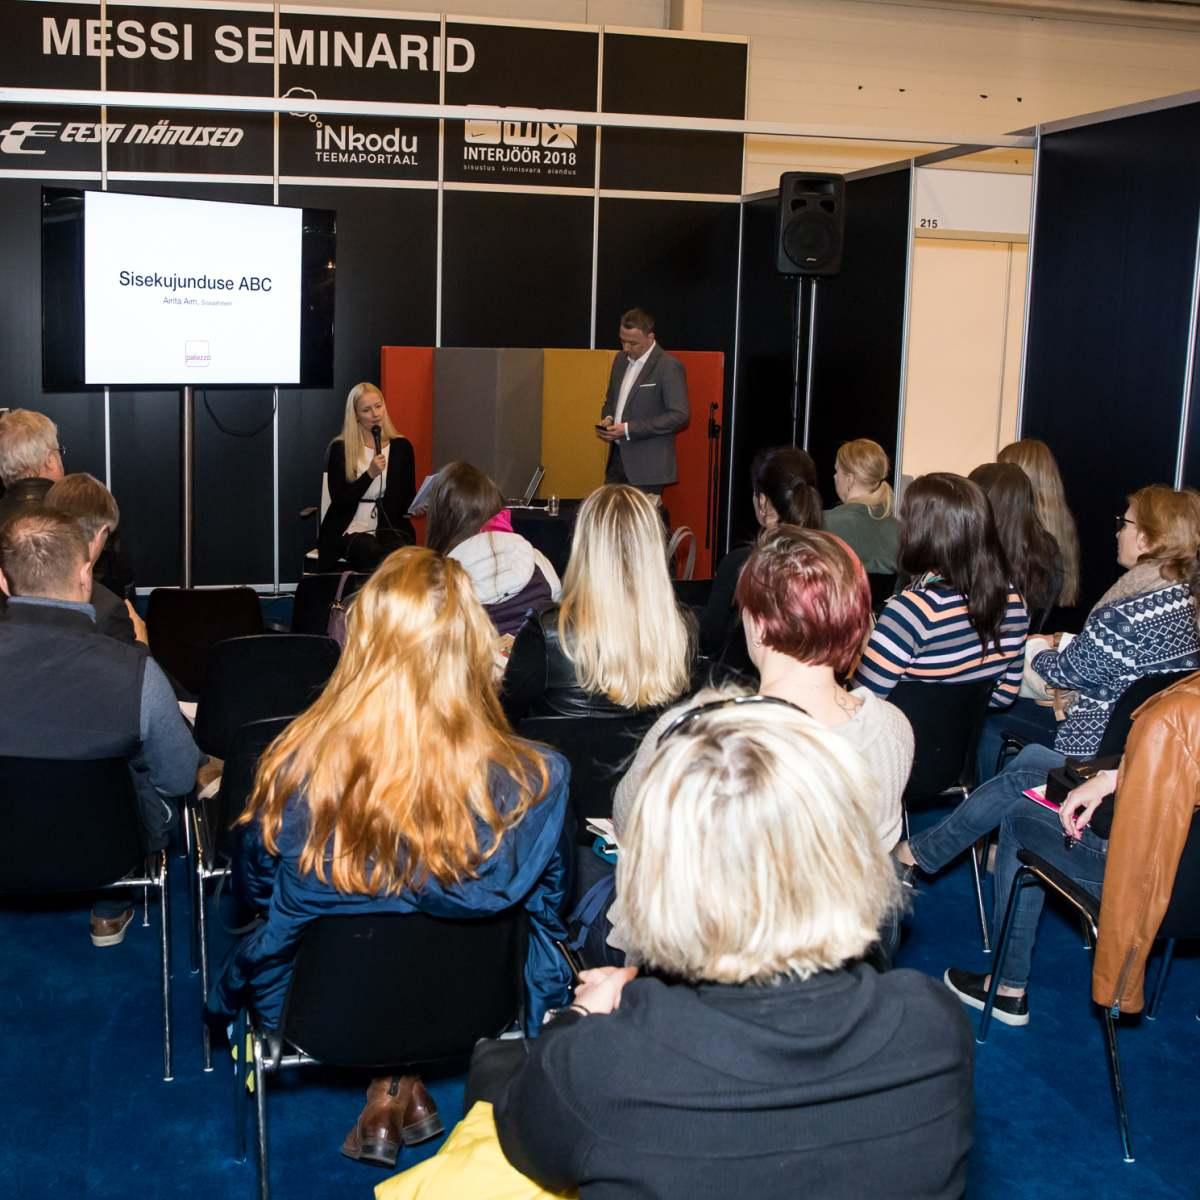 Interjööri messi sisekujunduse seminar 2018 aastal. Esineja Airita Aim.